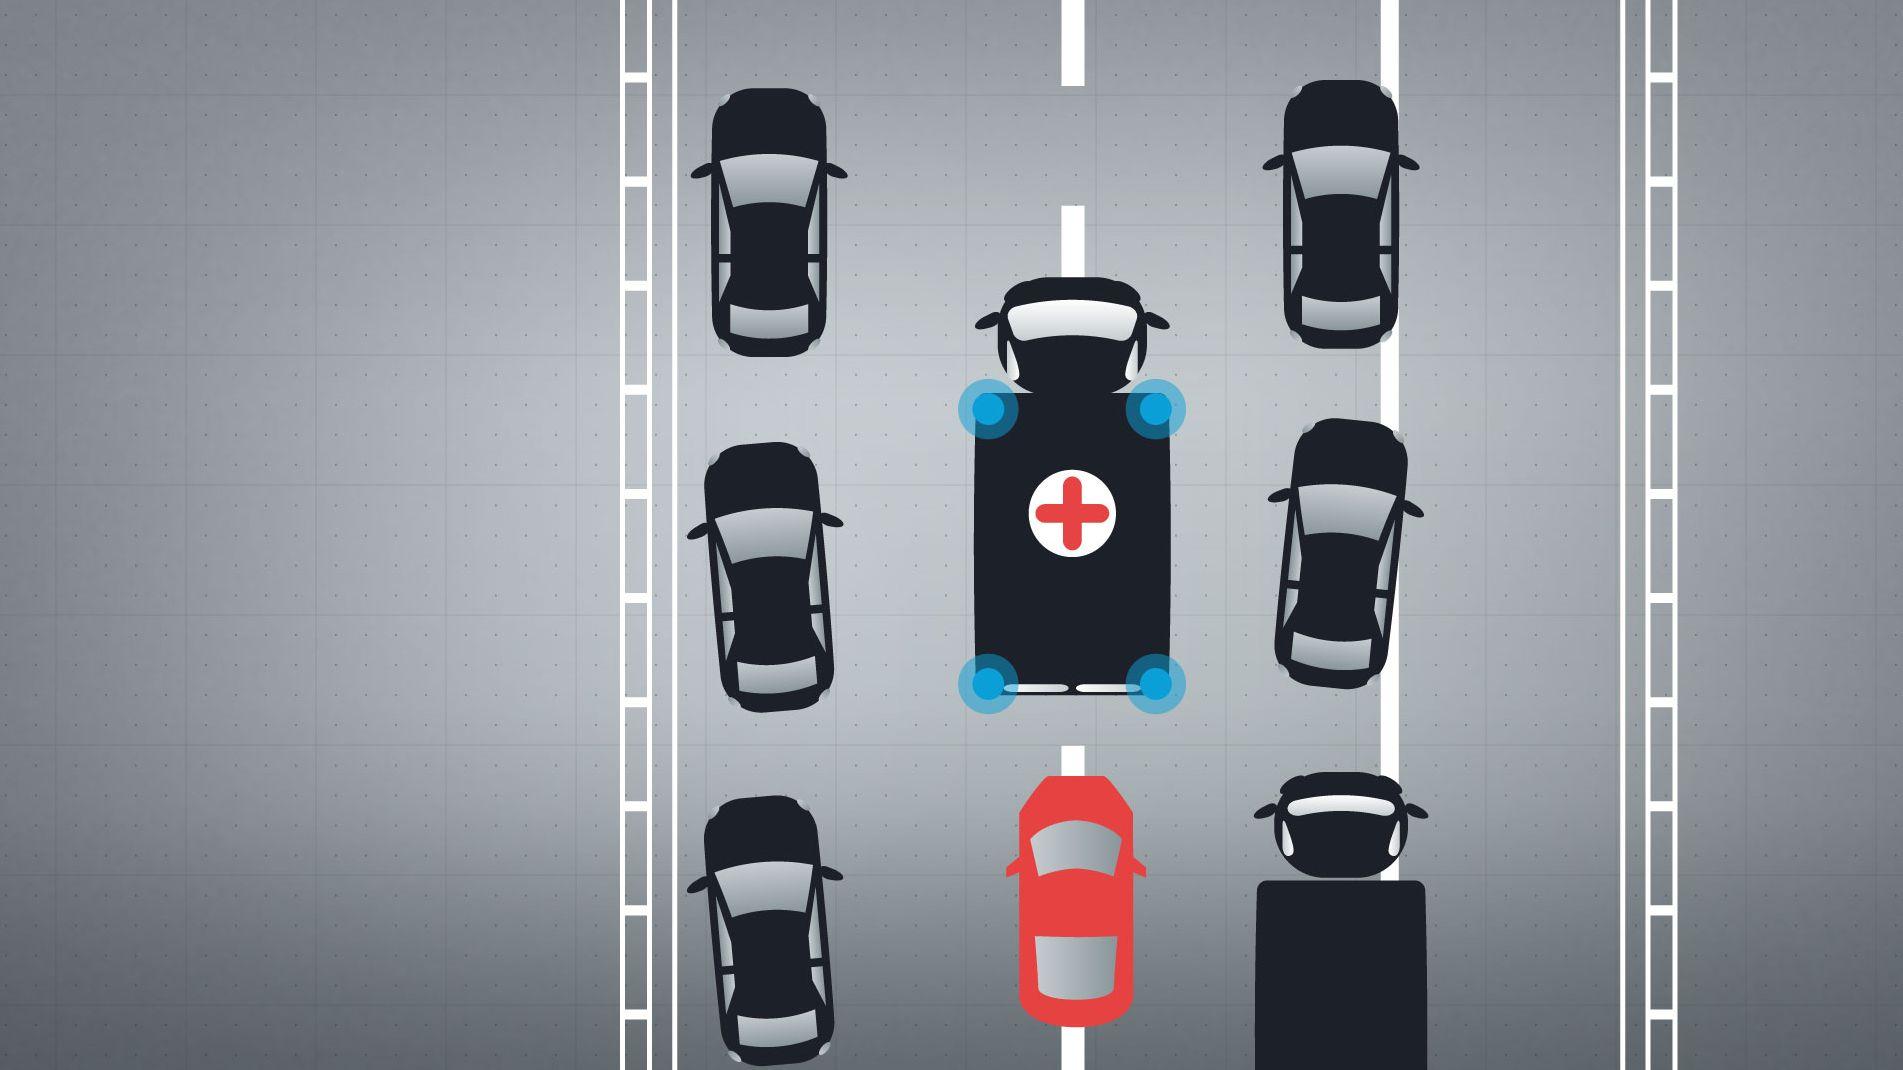 Grafik: Darstellung einer Rettungsgasse